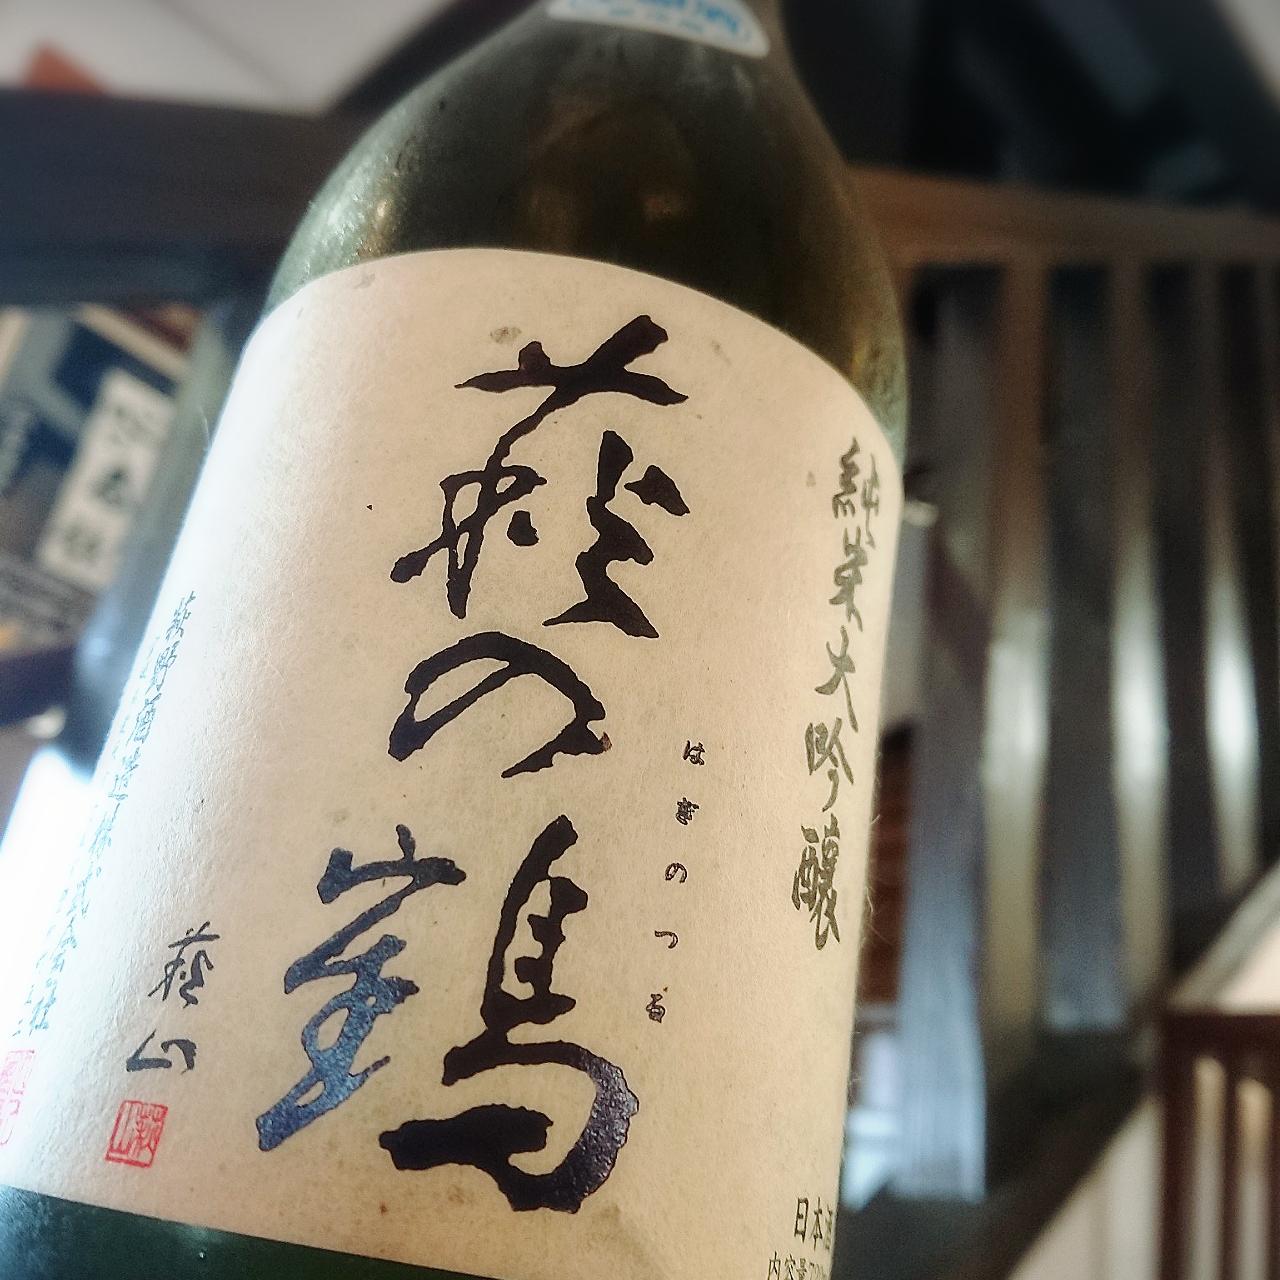 萩の鶴 純米大吟醸生原酒 隠し酒 限定100本【かわら版111号掲載品】